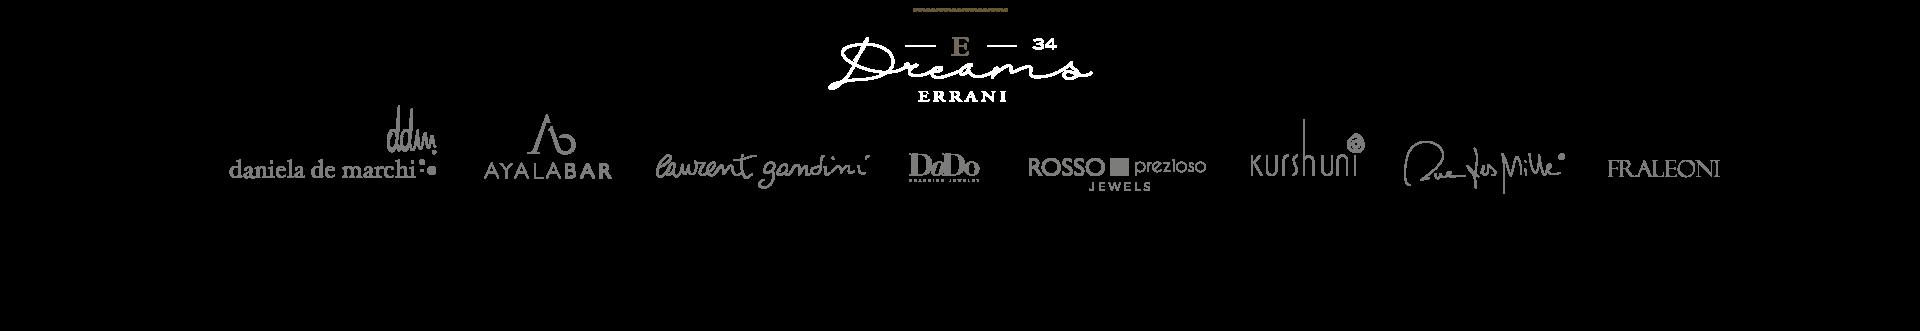 A0926-Errani-modifica-marchio-DoDo-Sito-03